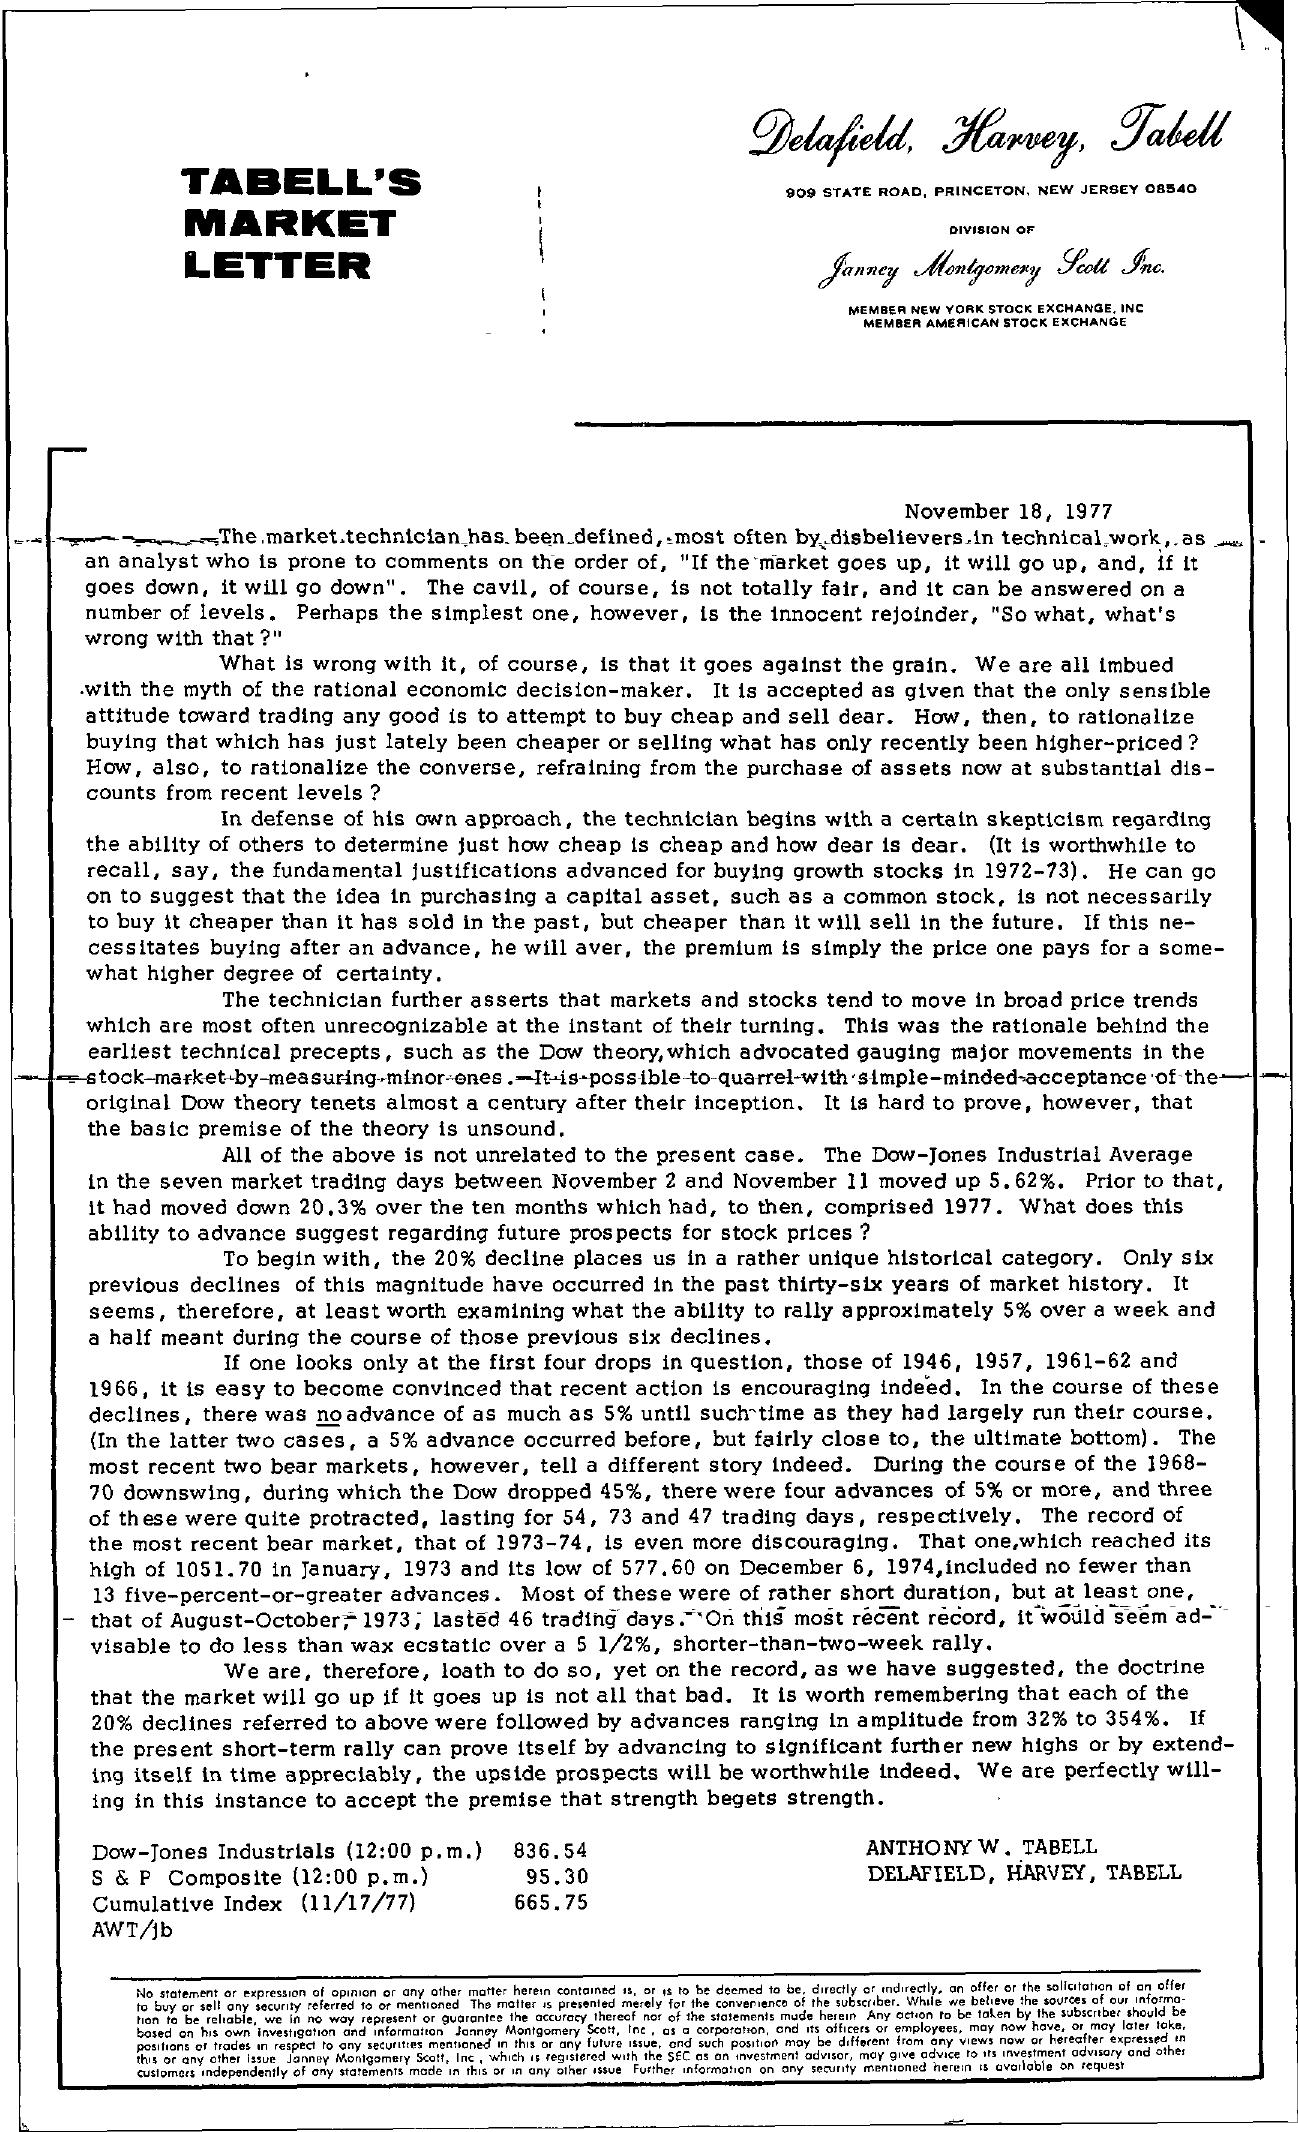 Tabell's Market Letter - November 18, 1977